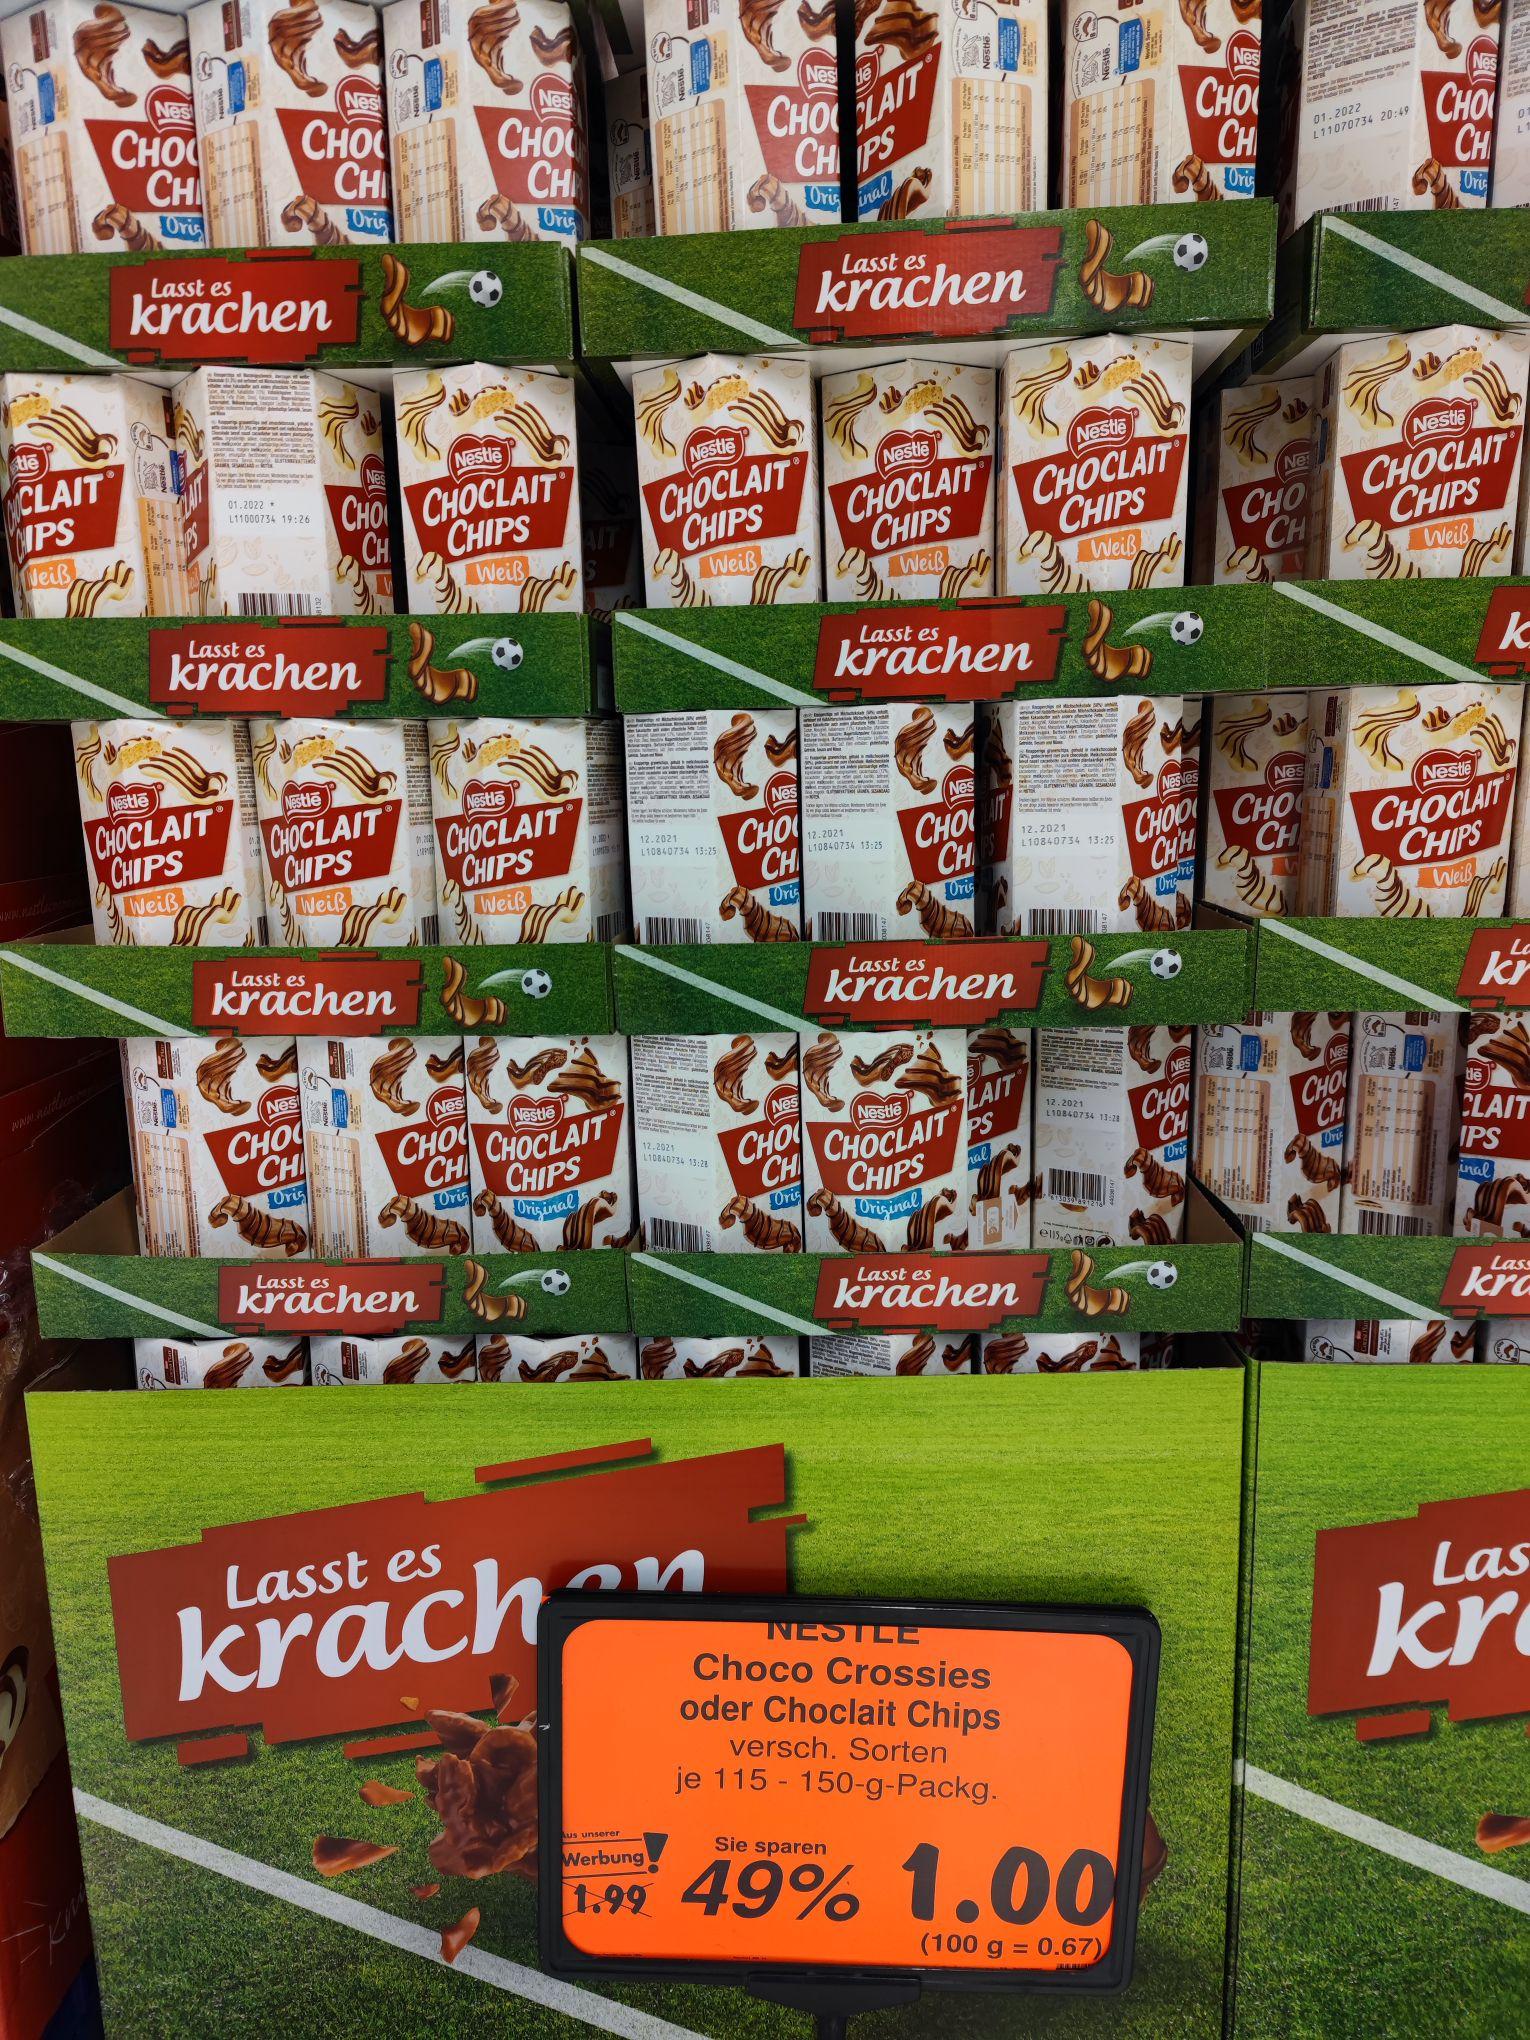 [Lokal/Bundesweit] Chocolait Chips beim Kaufland